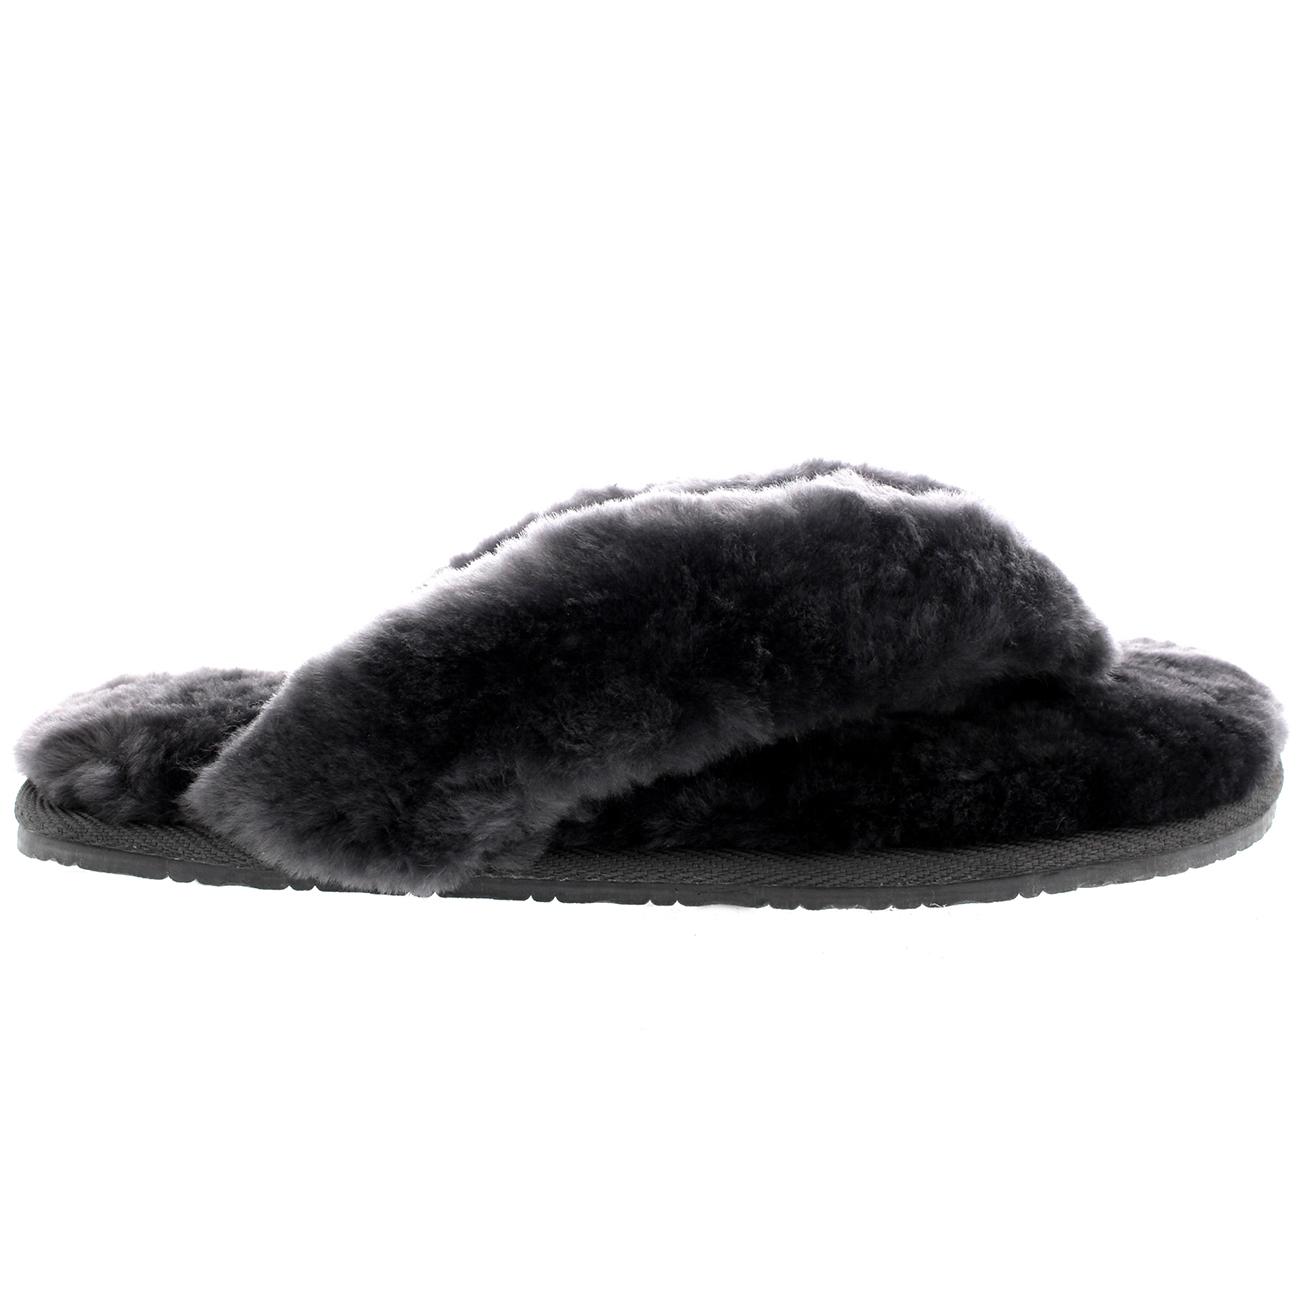 d1637951cc2 Ladies Toe Post Sheepskin Australian Flip Flops Warm Winter Slippers ...